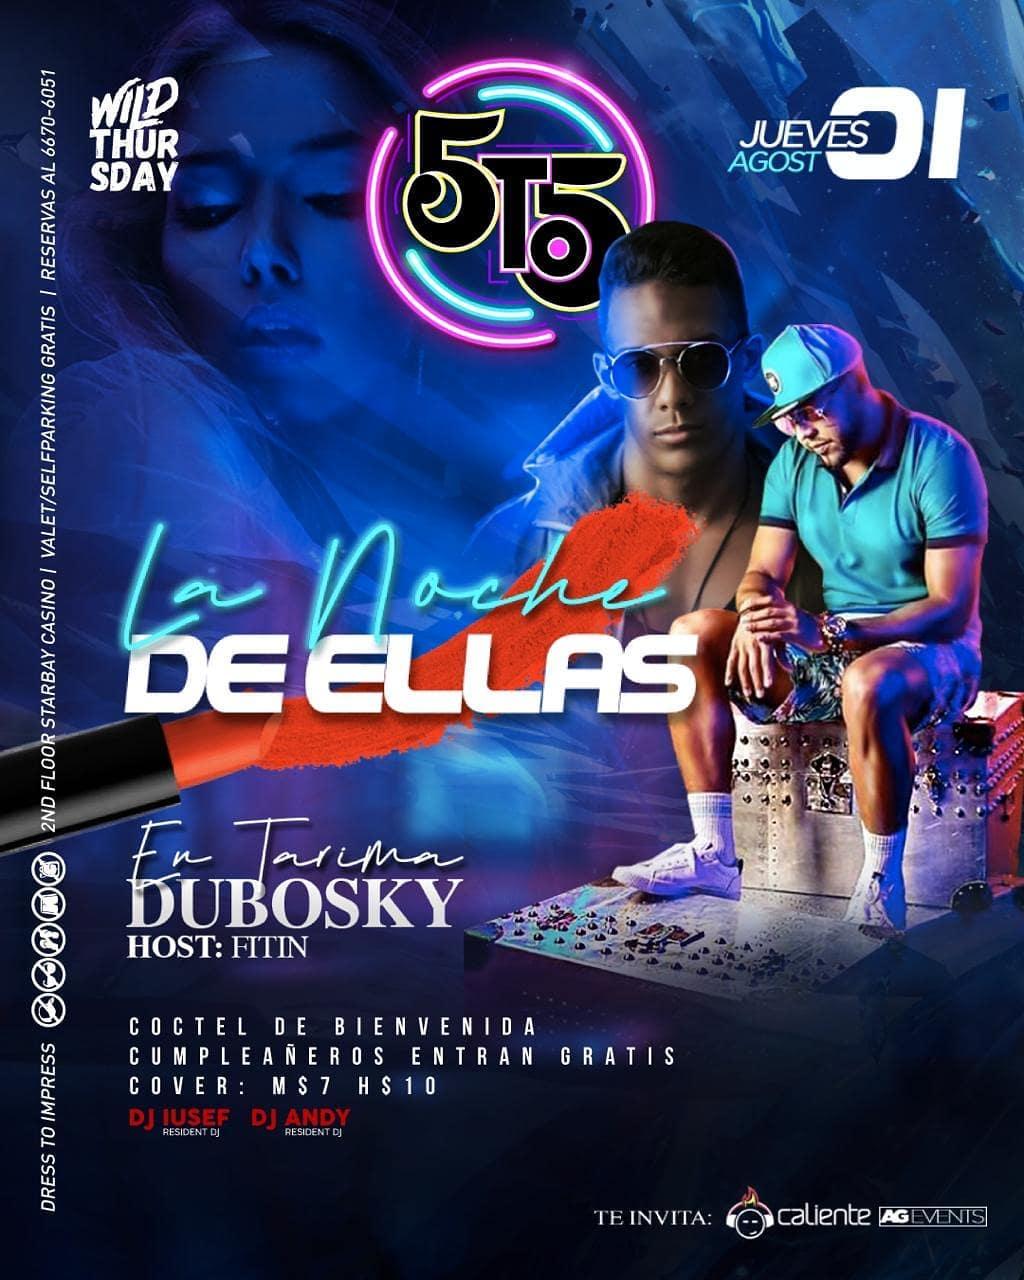 Photo of 5to5 presenta 'La Noche de Ellas' con Dubosky en tarima